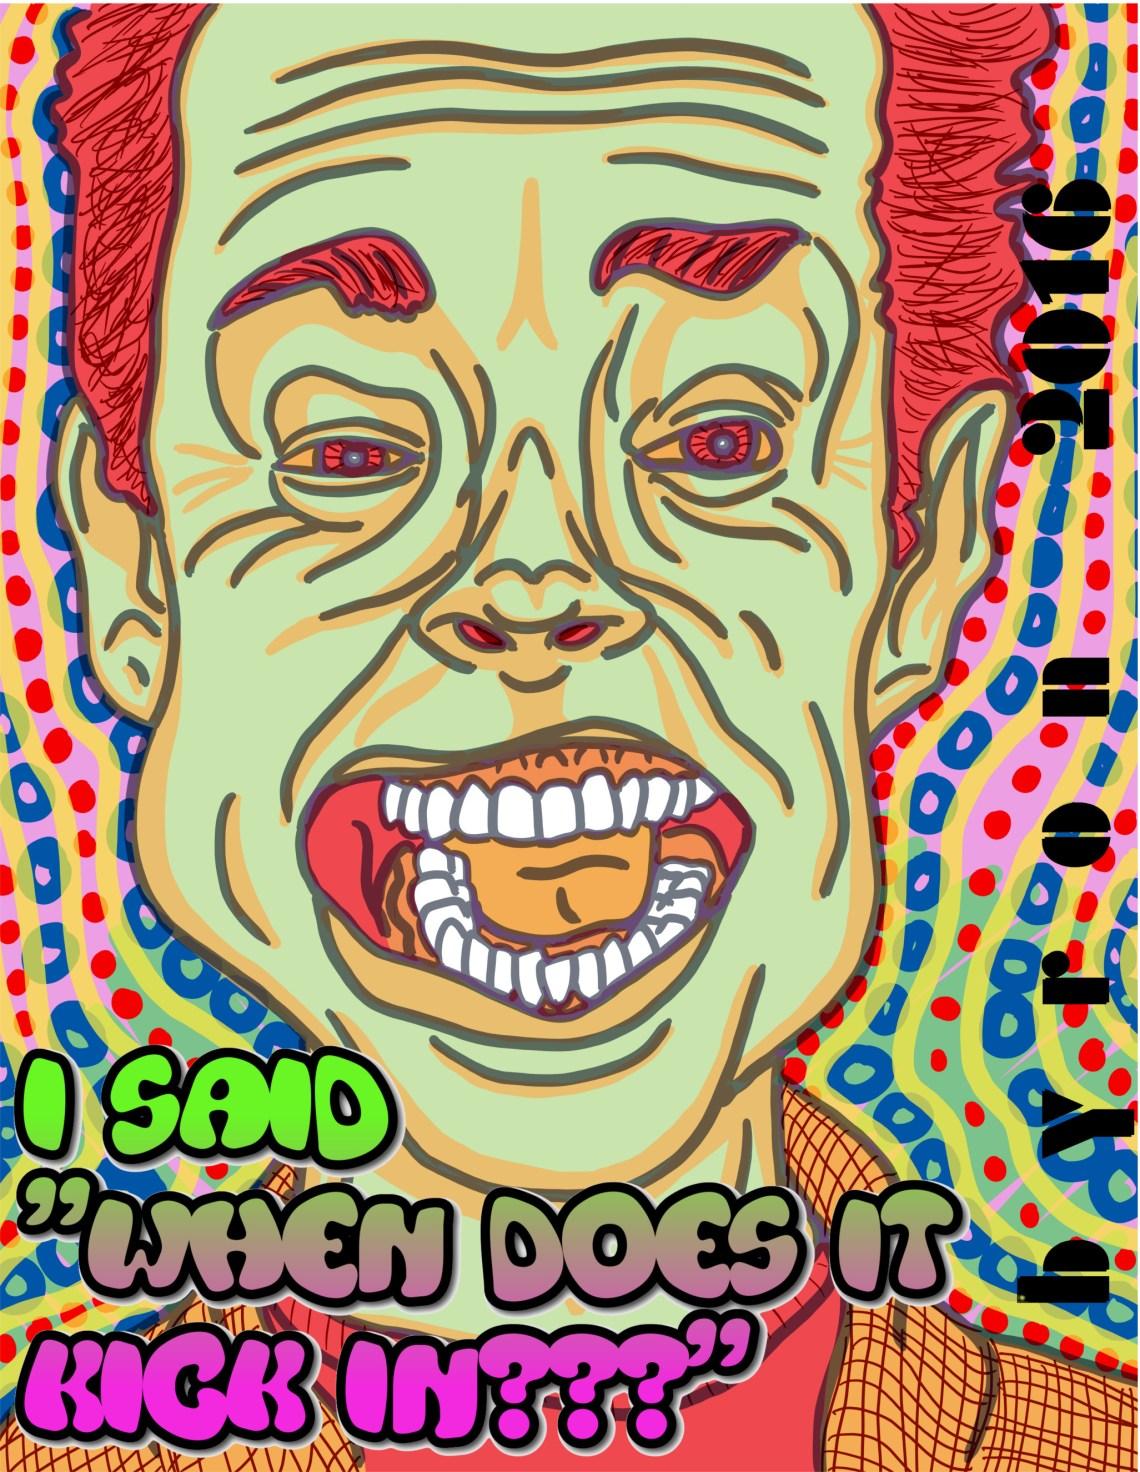 000266 - Kick In